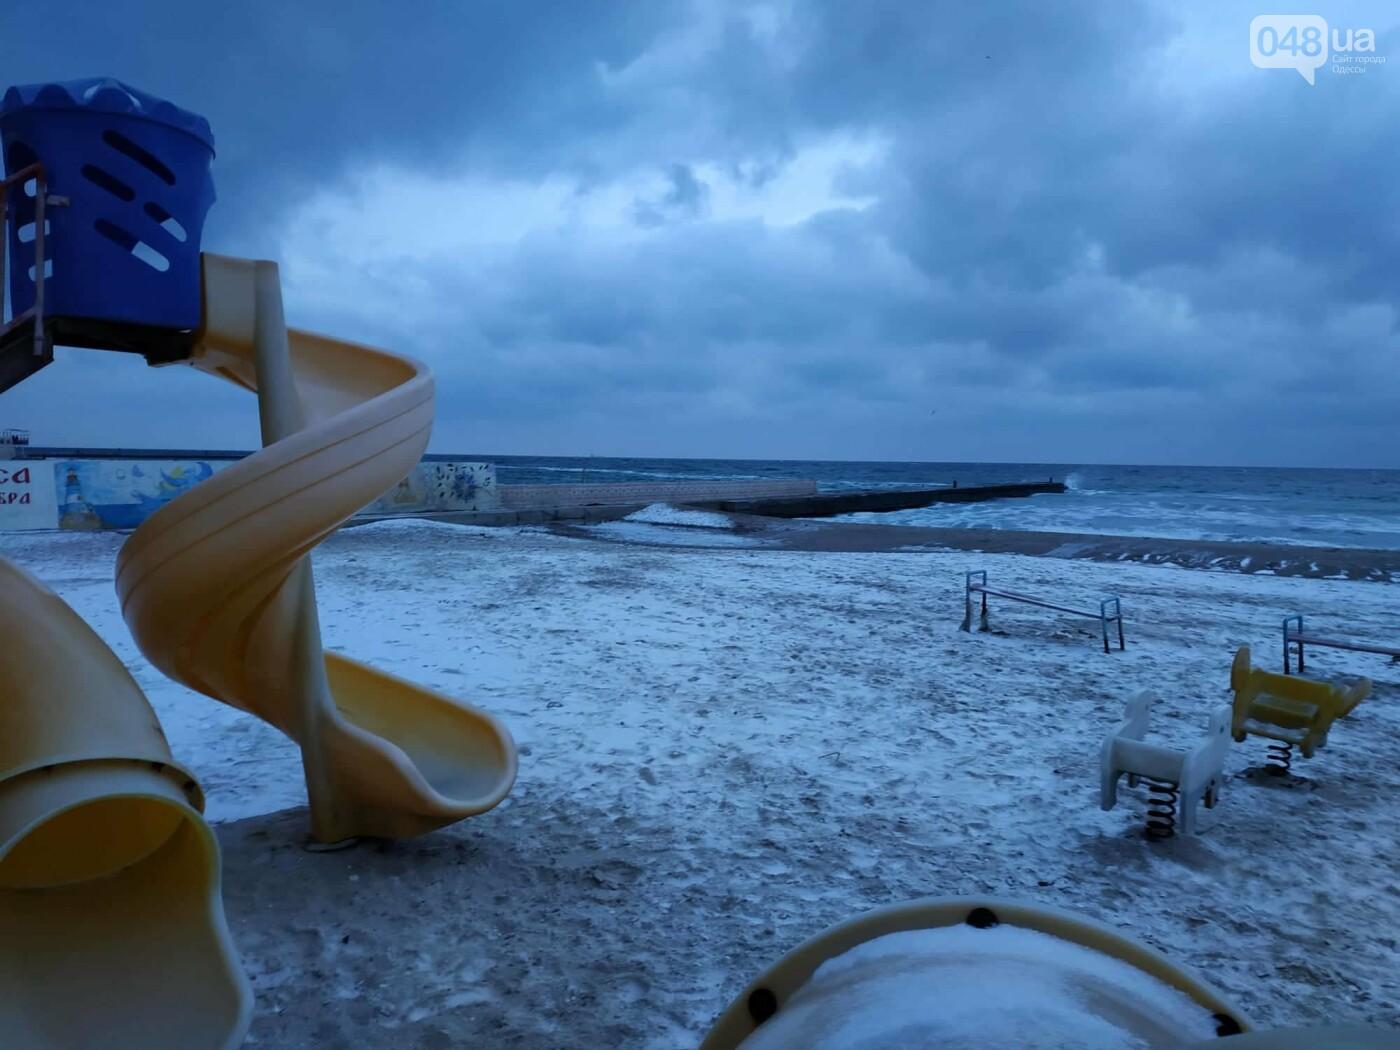 Заснеженные одесские пляжи вечером: вот где стоит прогуляться, - ФОТО, фото-27